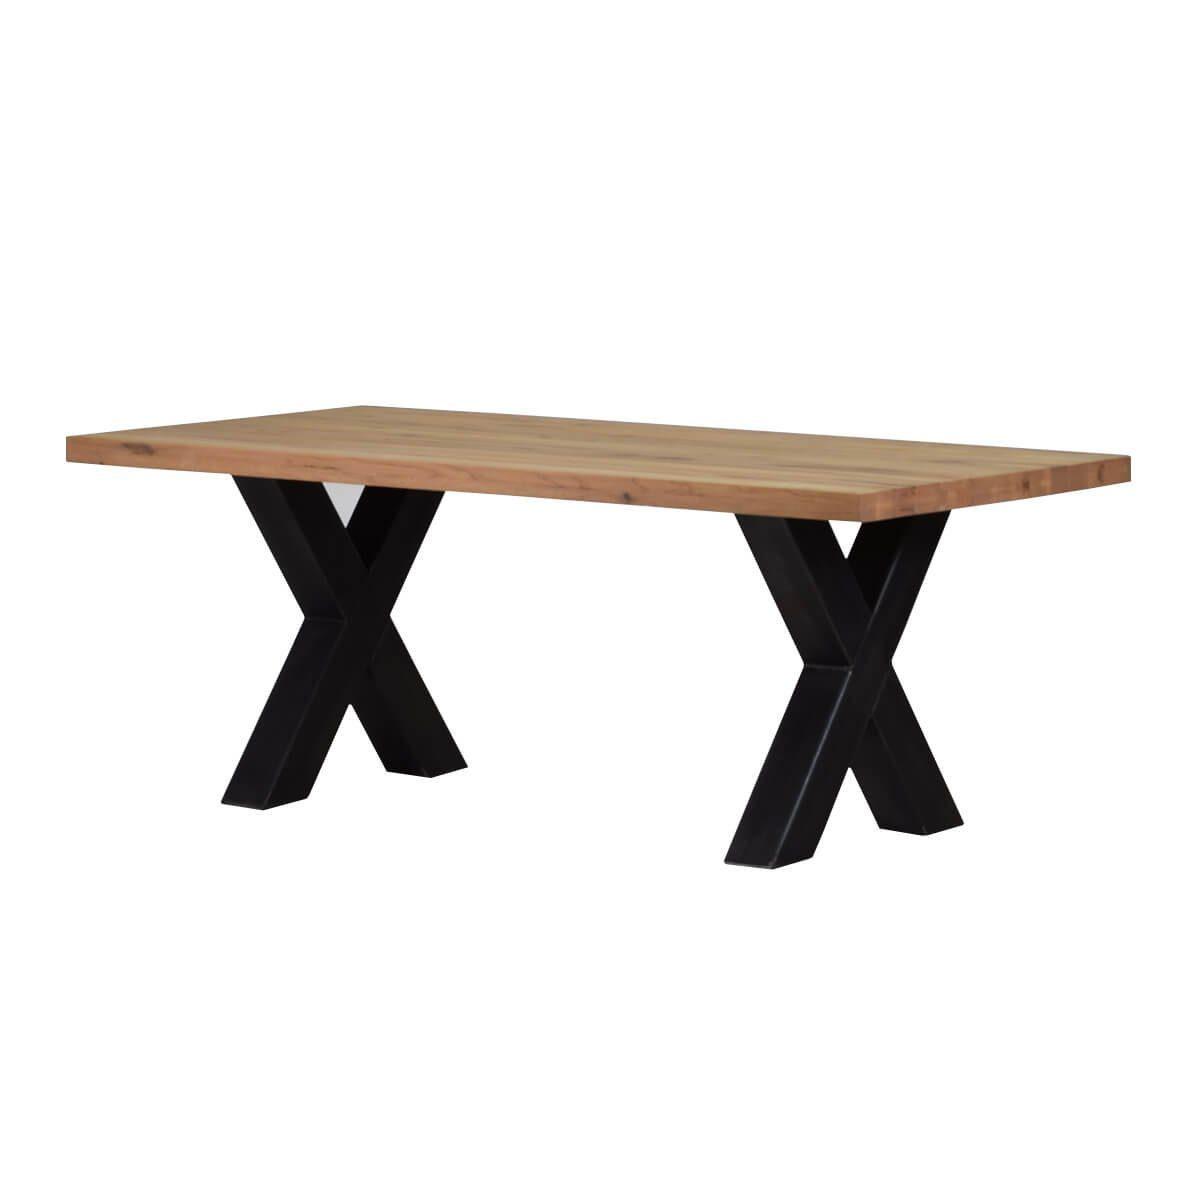 MÖBEL IDEAL Esstisch »Xano«, 200 x 100 cm, Eiche Massivholz, X Gestell in Schwarz online kaufen | OTTO